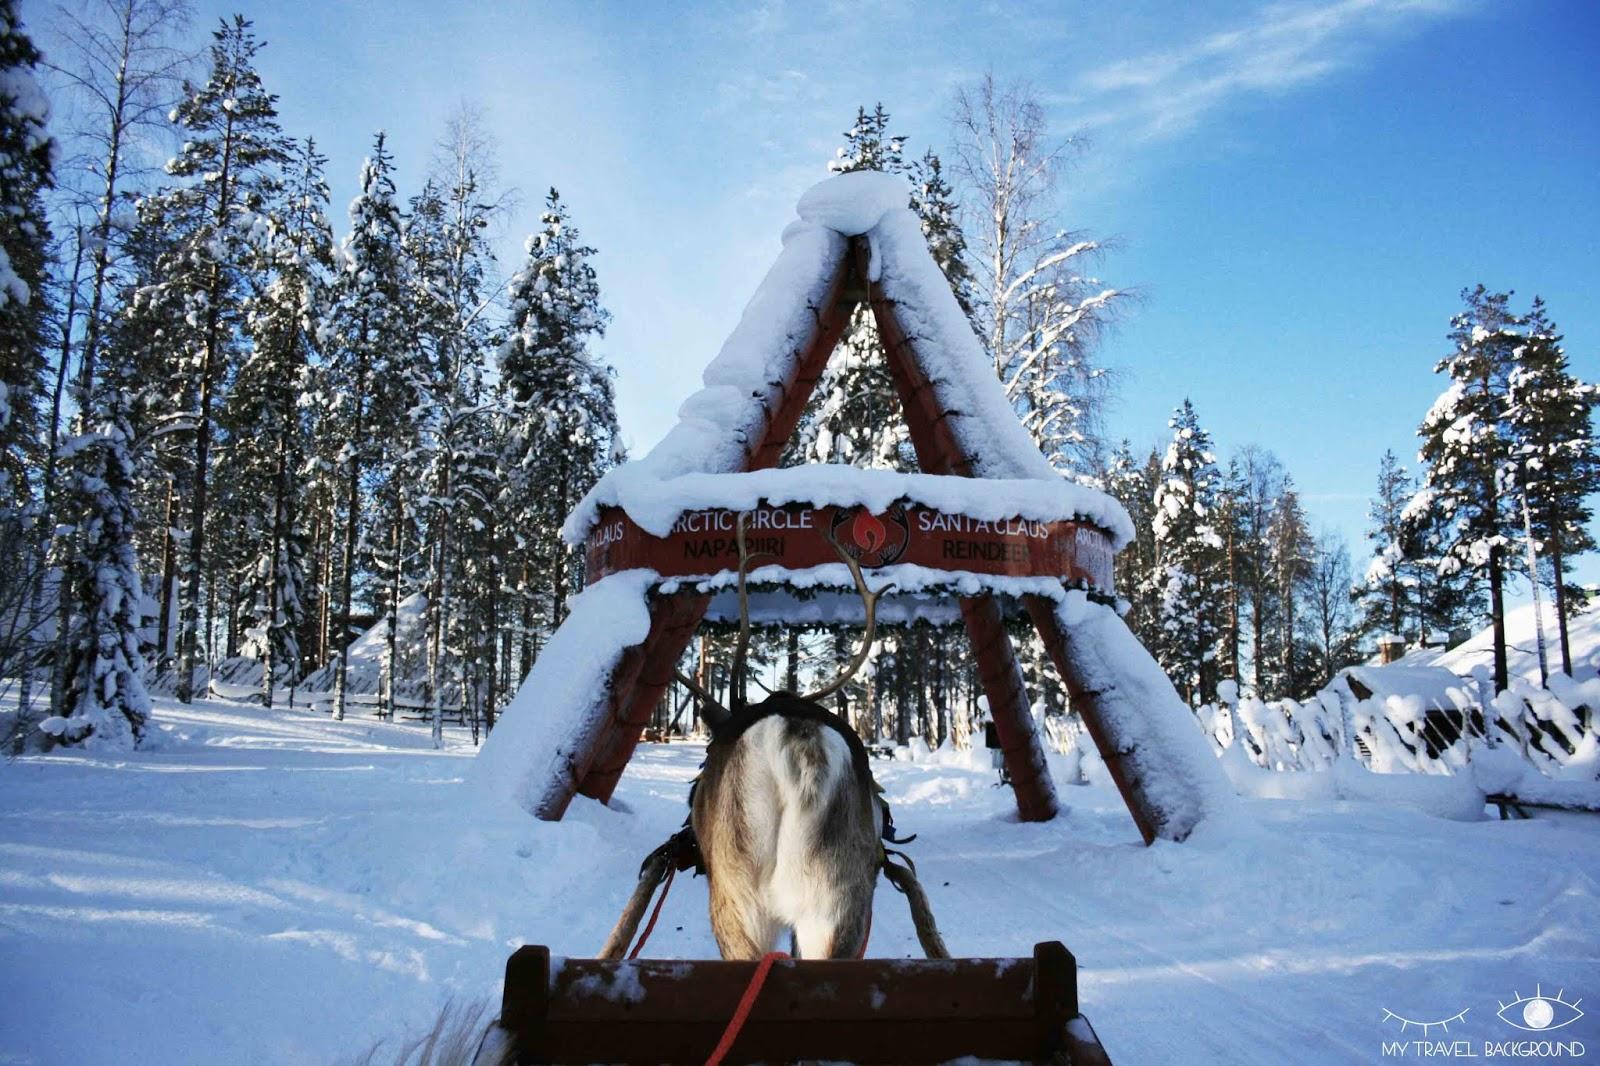 My Travel Background : road trip de 10 jours autour de la mer baltique : Danemark, Finlande, Estonie - Village du Père Noel, Rovaniemi, Finlande